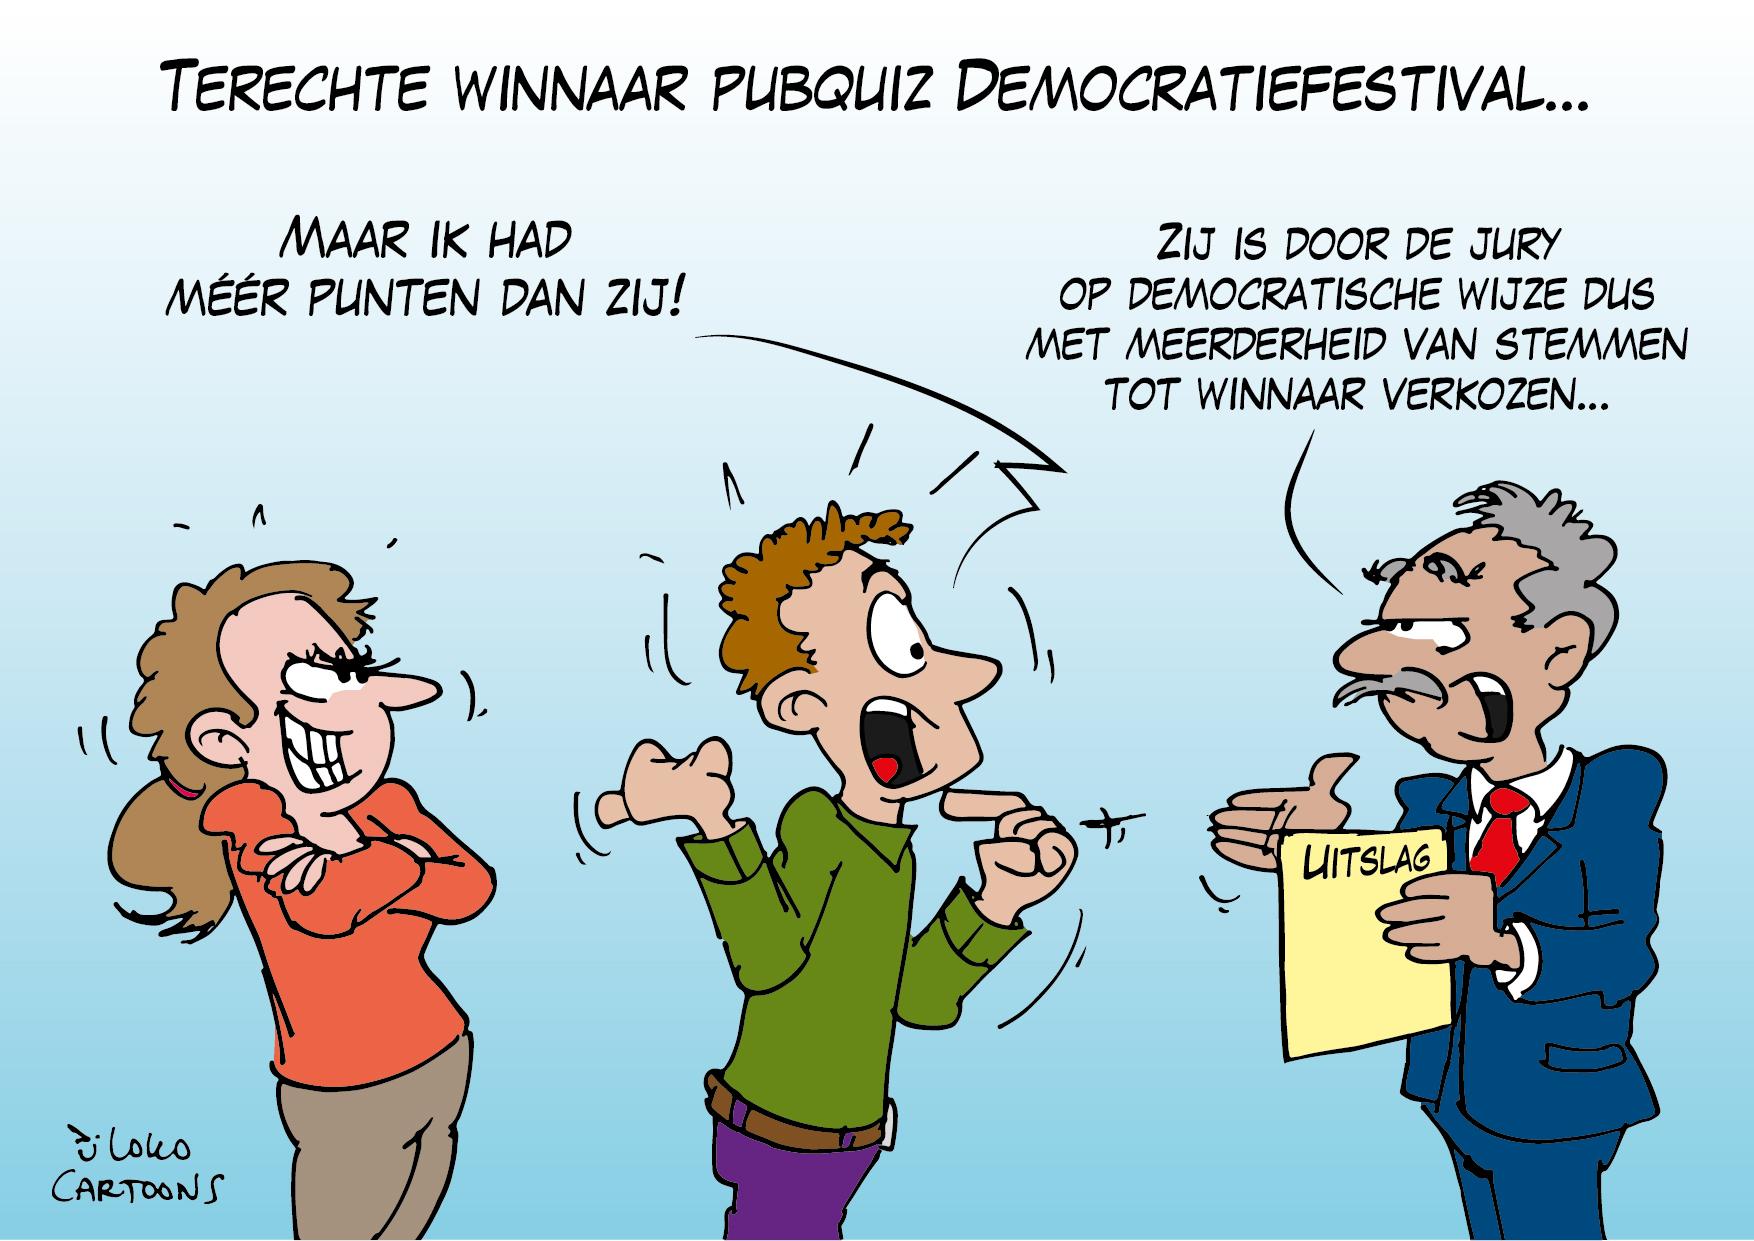 Terechte winnaar pubquiz Democratiefestival…